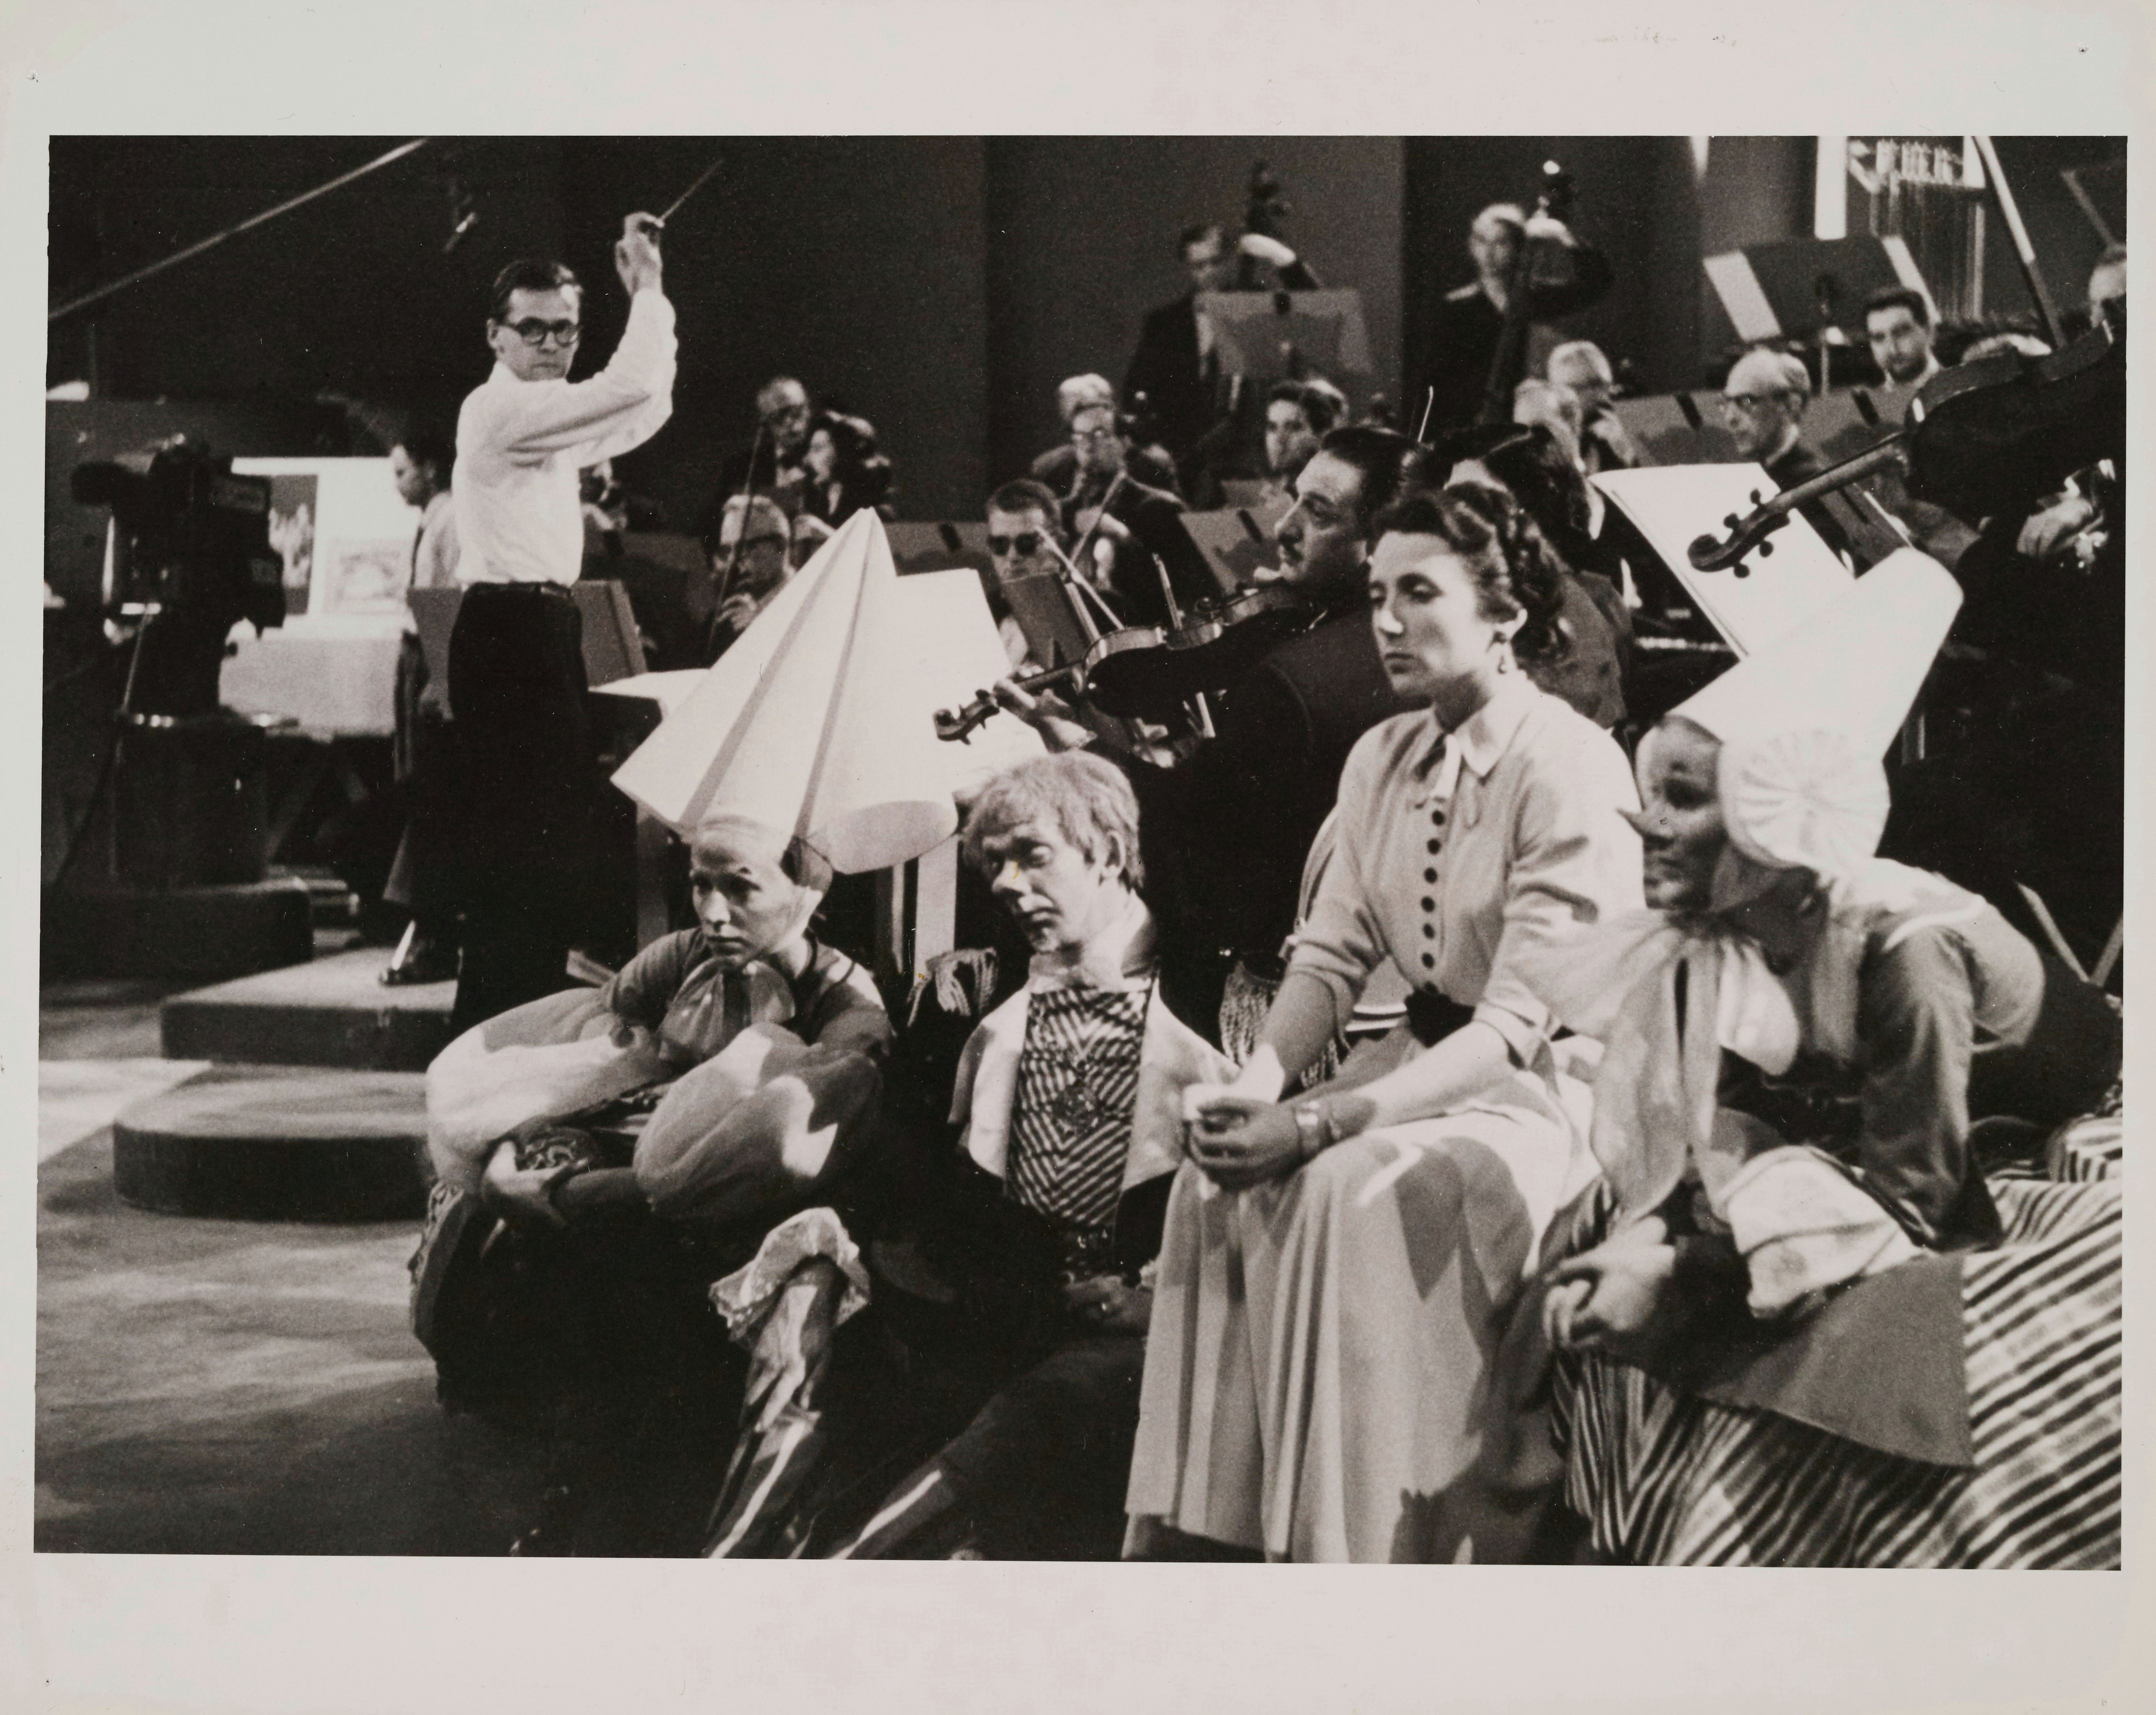 Pierre Mercure dirigeant son œuvre Kaléidoscope à l'Heure du concert, Ludmilla Chiriaeff assise à l'avant-plan.